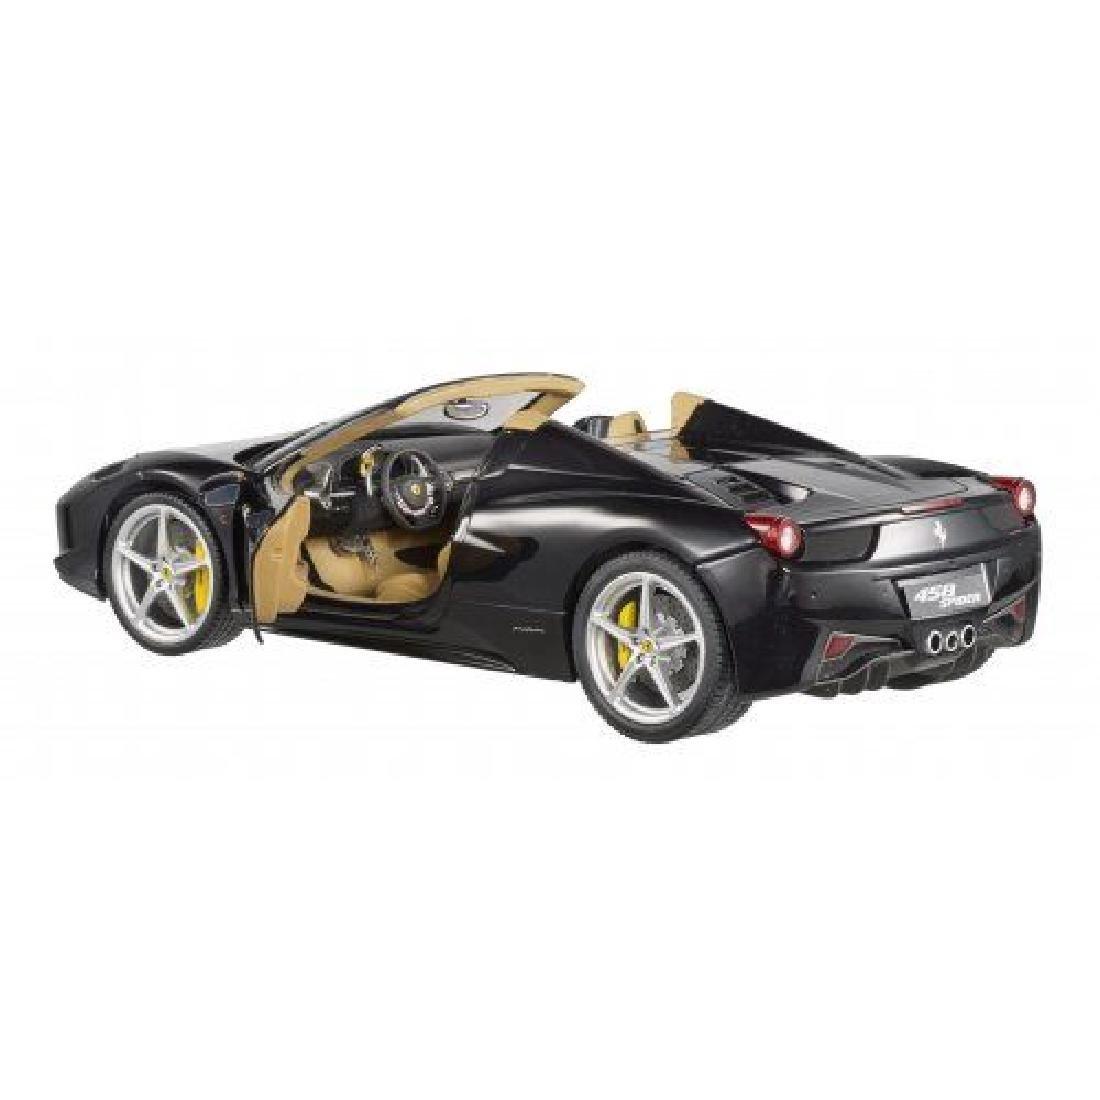 Hot Wheels Elite Scale 1:18 Ferrari 458 Spider - 7